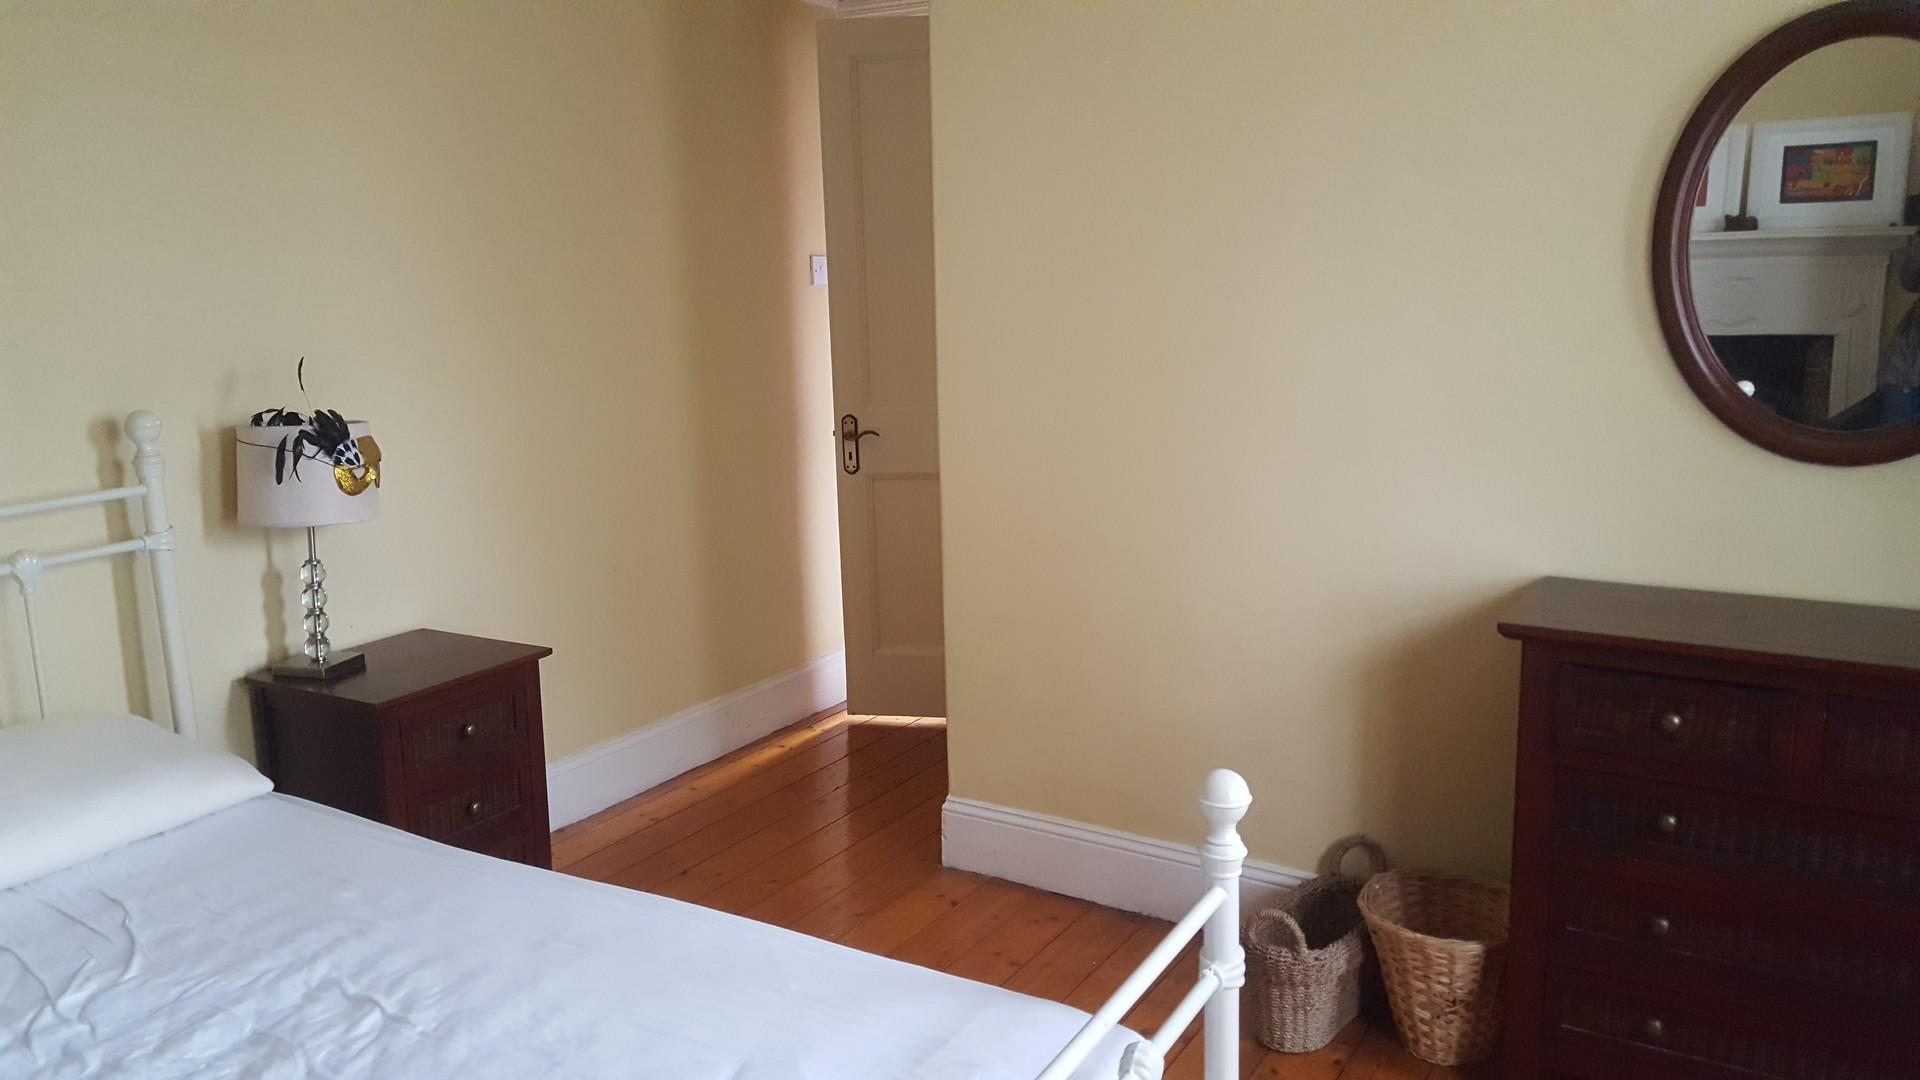 own-room-town-centre-house-11965f2e279c889db38b0847428f250d